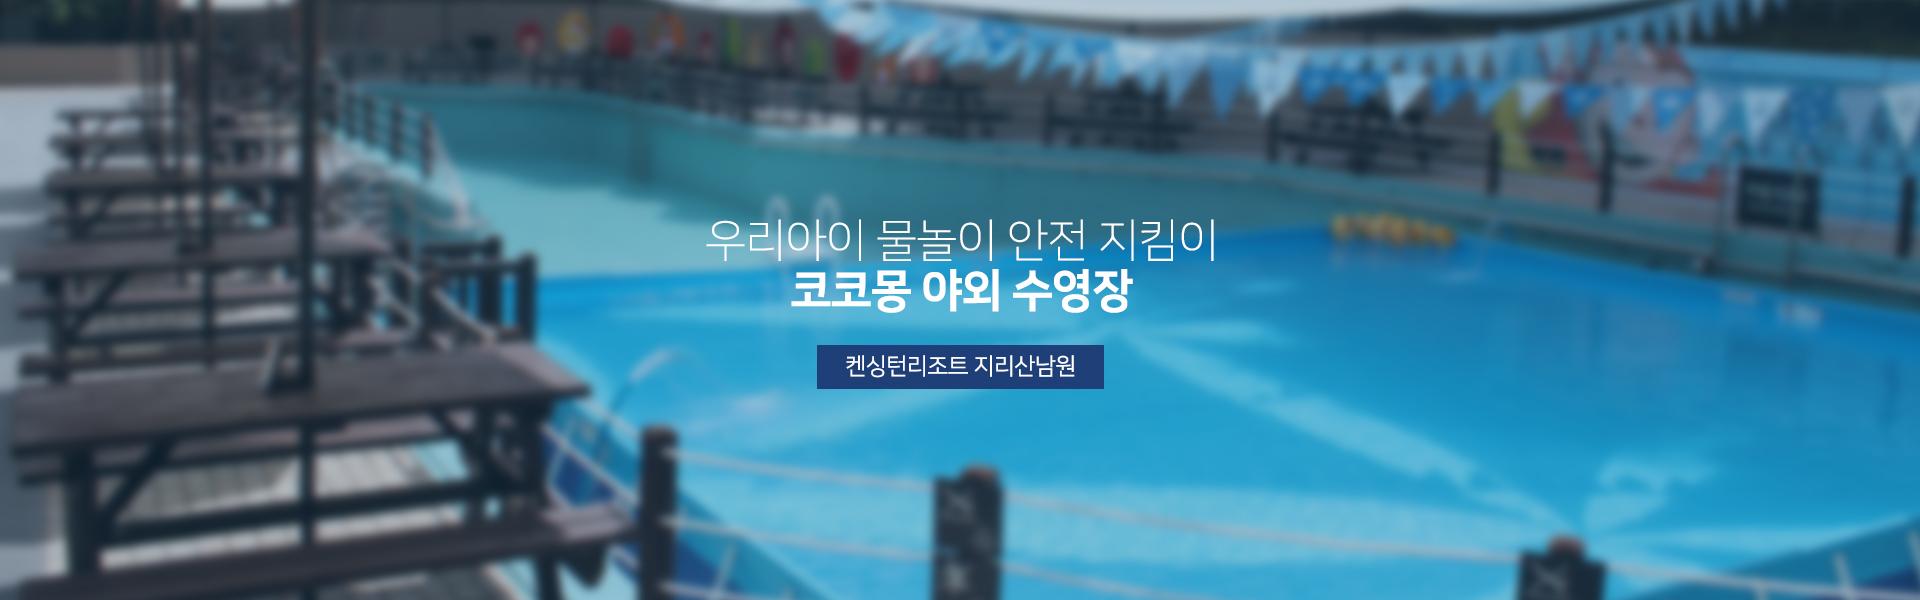 지리산남원점 코코몽 야외수영장